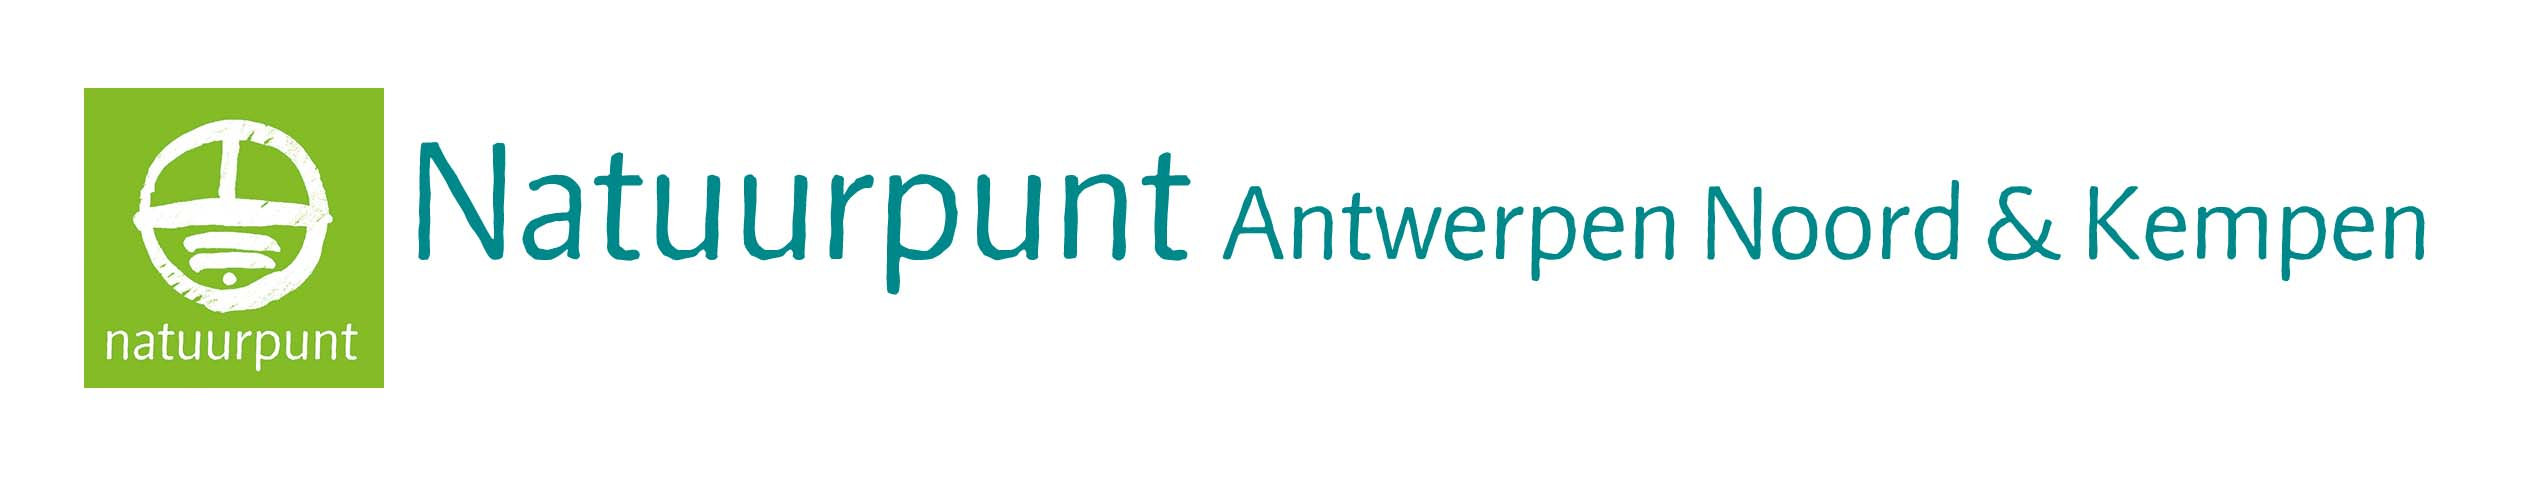 Natuurpunt Antwerpen Noord & Kempen